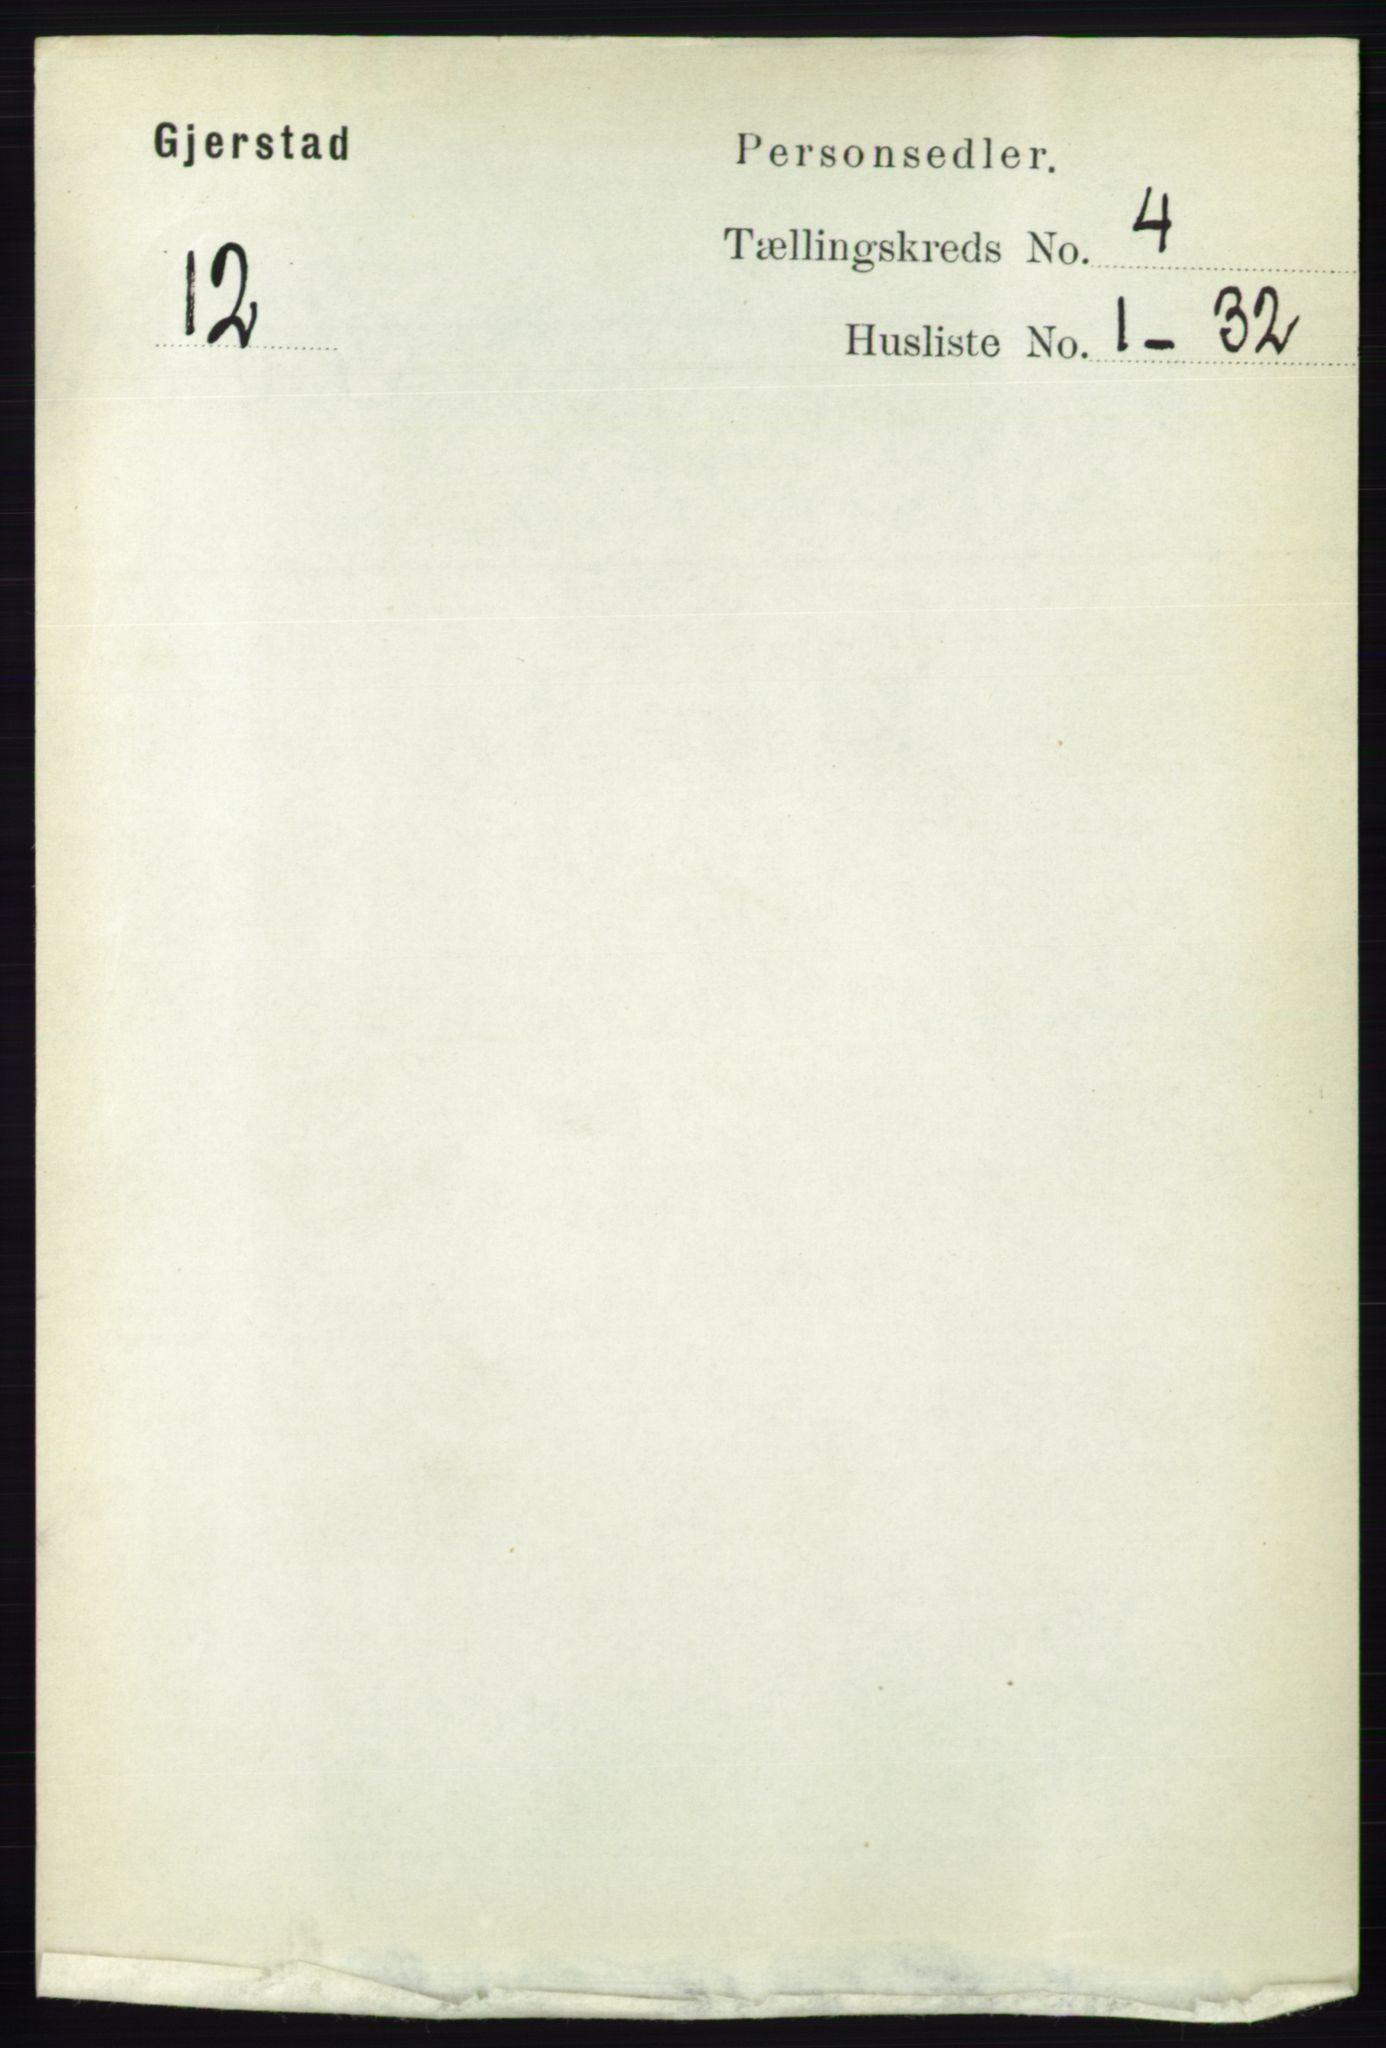 RA, Folketelling 1891 for 0911 Gjerstad herred, 1891, s. 1506